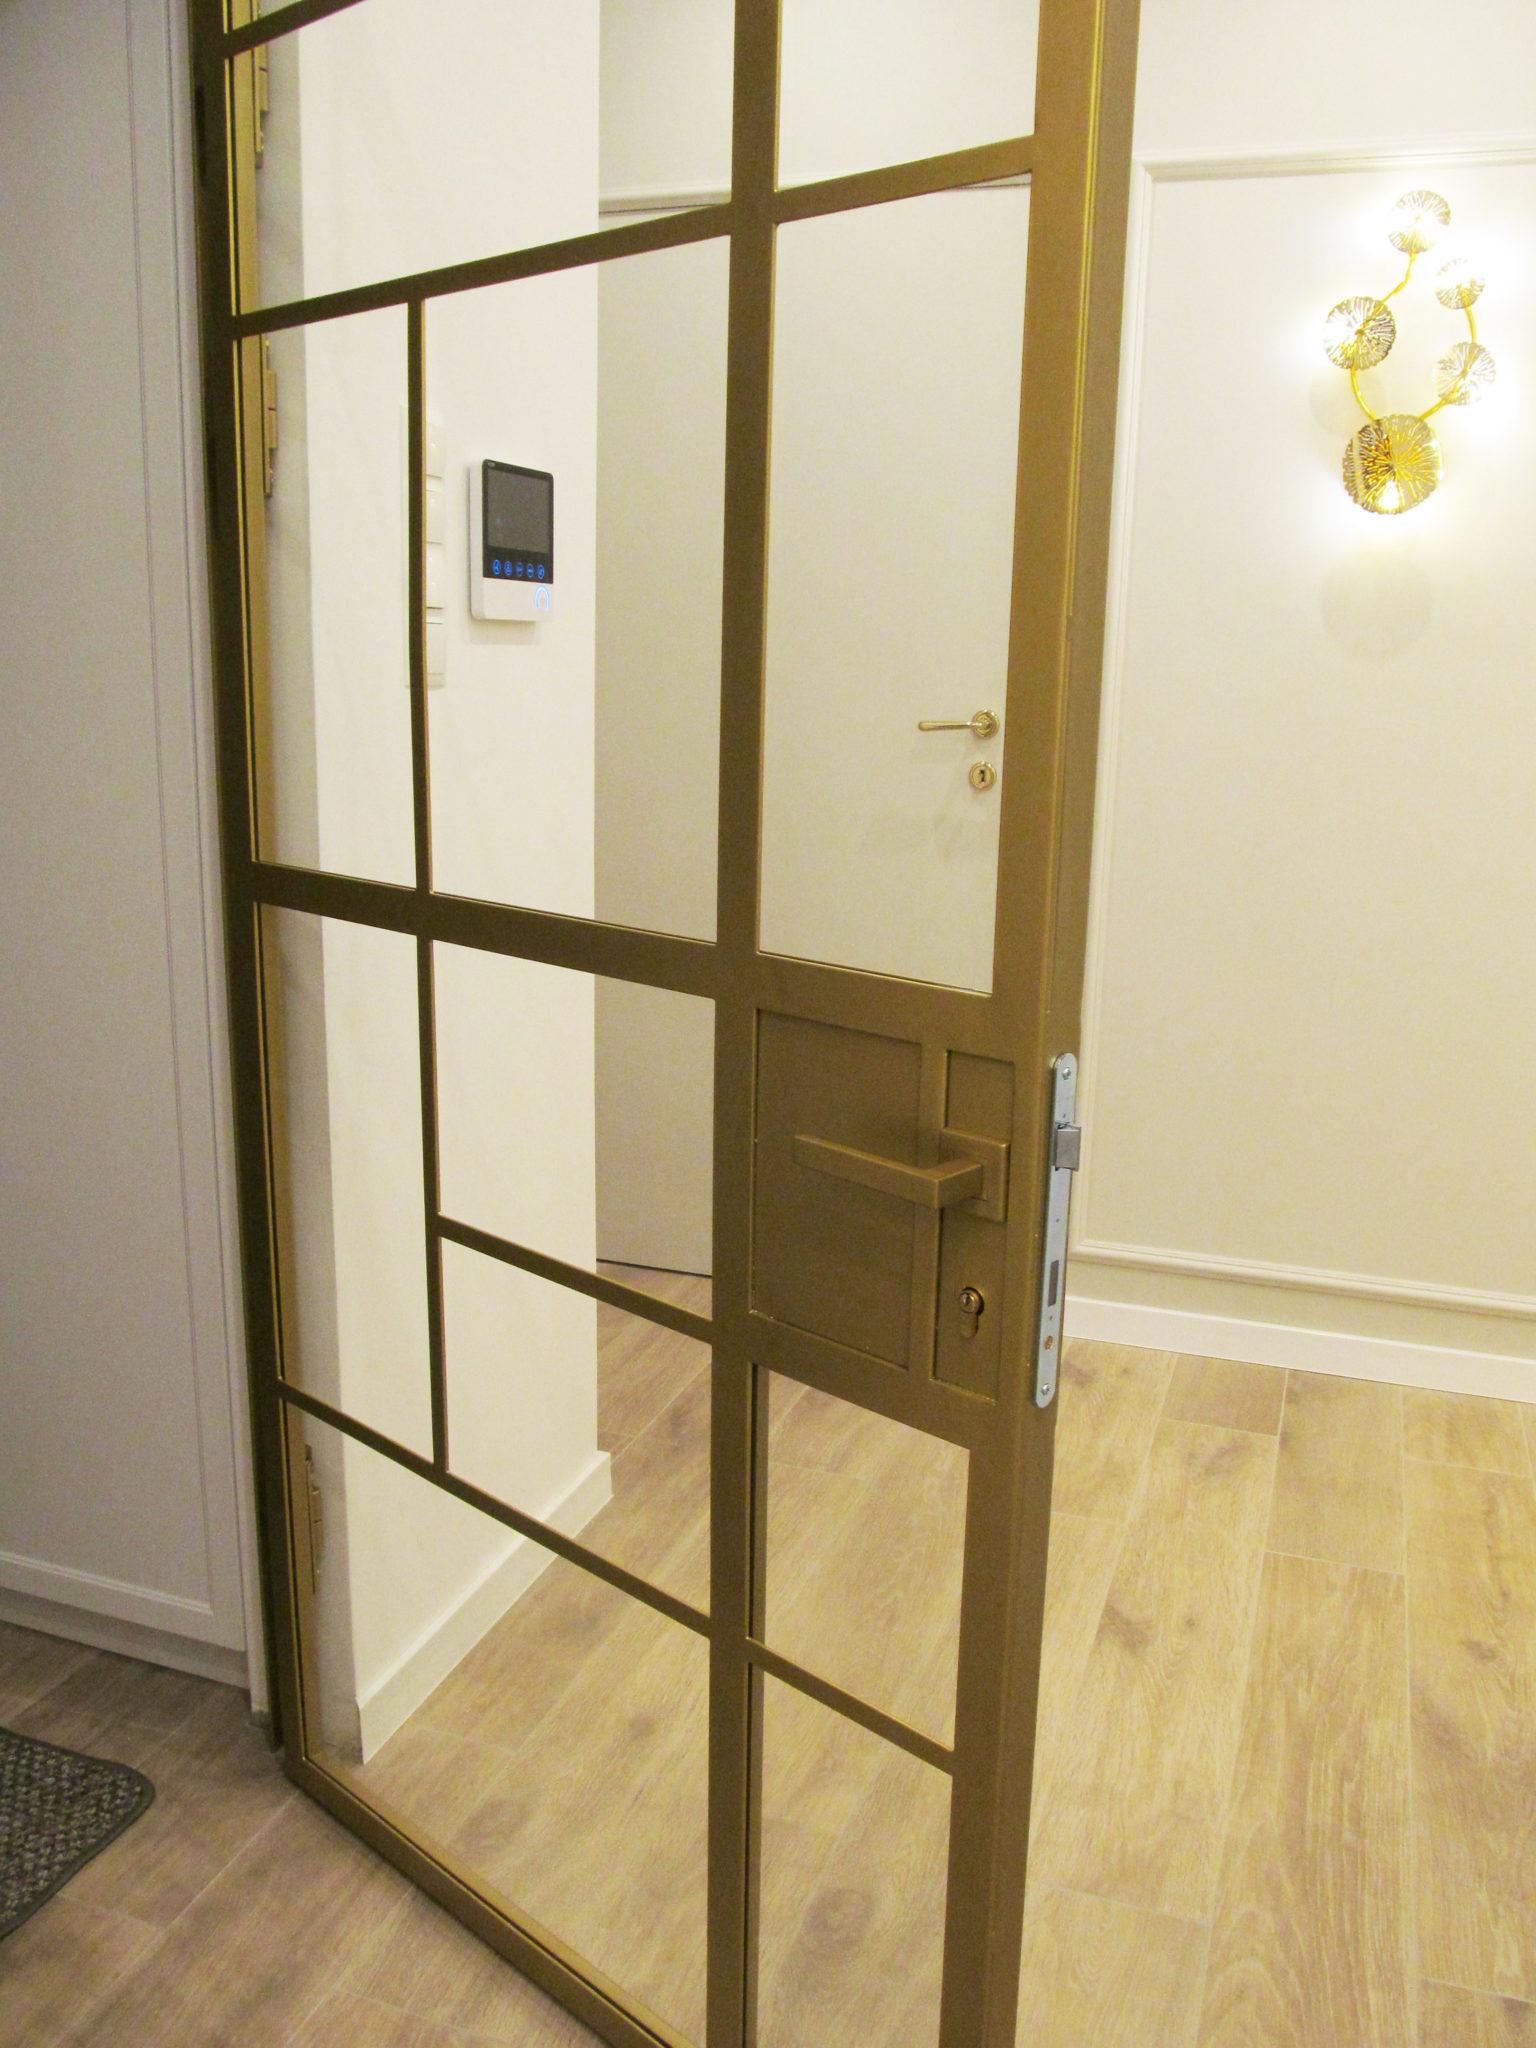 Szklane drzwi loft jednoskrzydłowe złote zamykane na klucz ze szkłem bezpiecznym 33.1 z folią